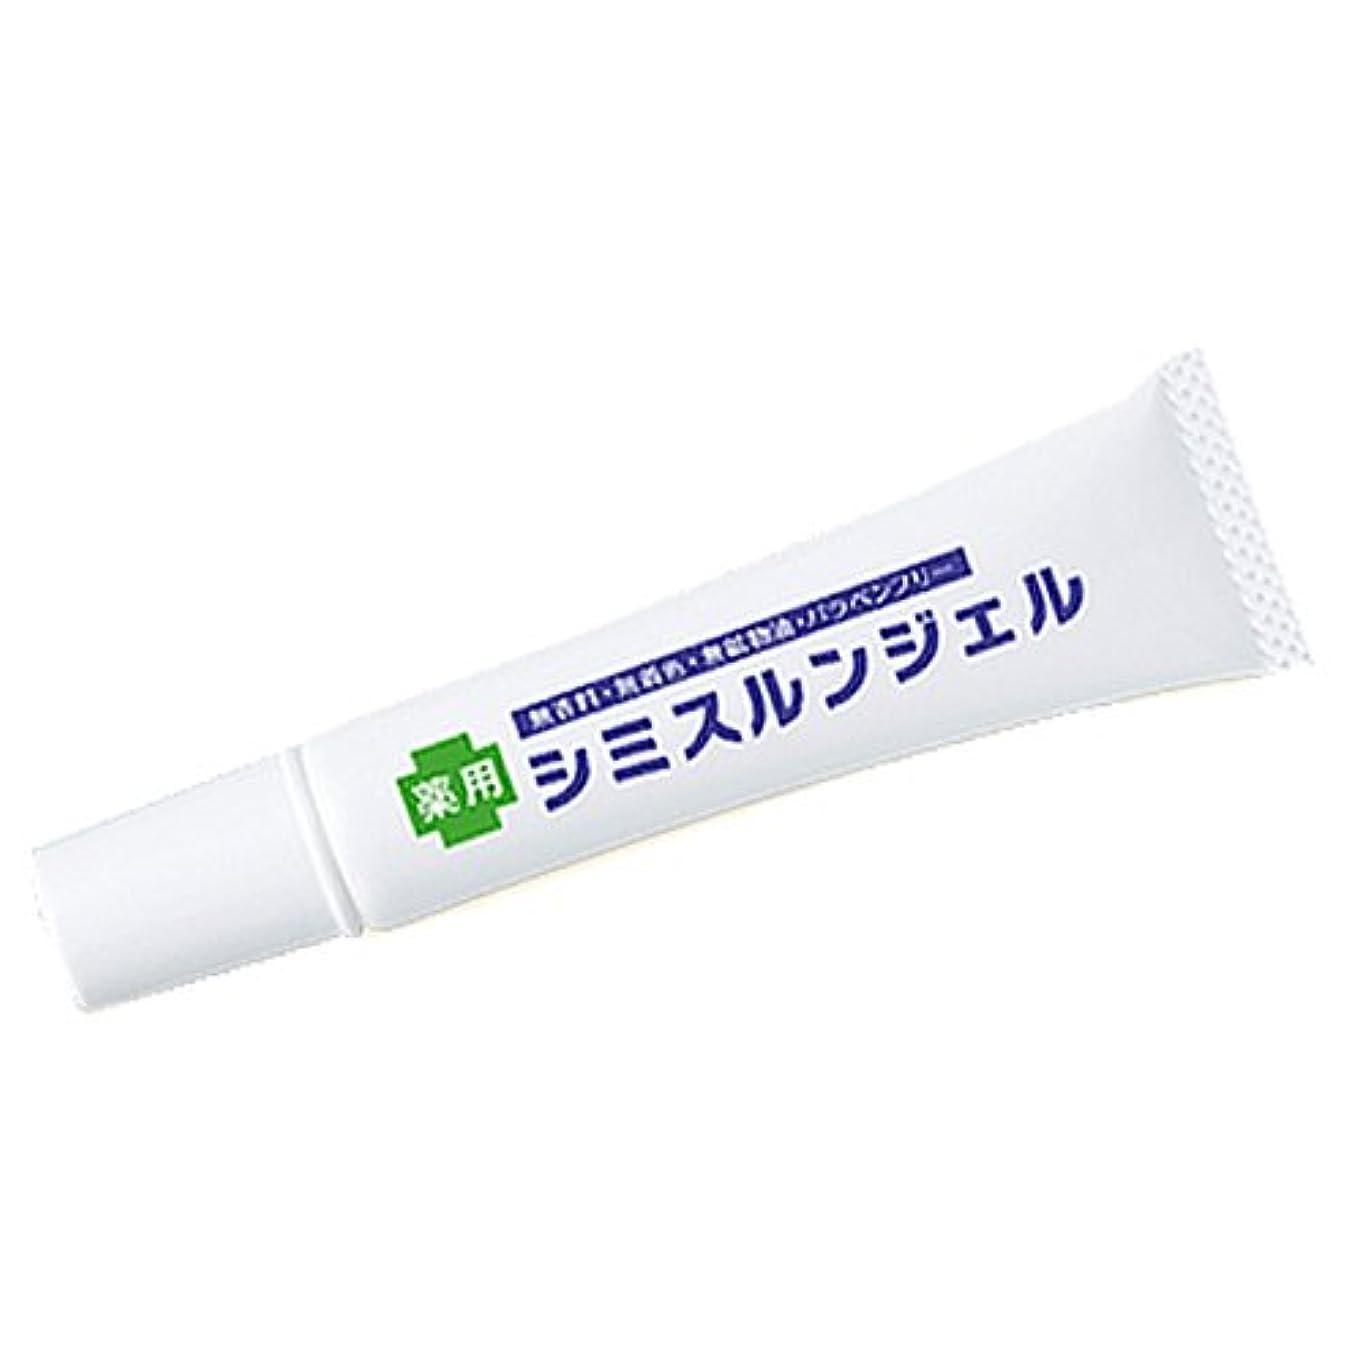 改修する出血光沢ナクナーレ 薬用シミスルンジェル 医薬部外品